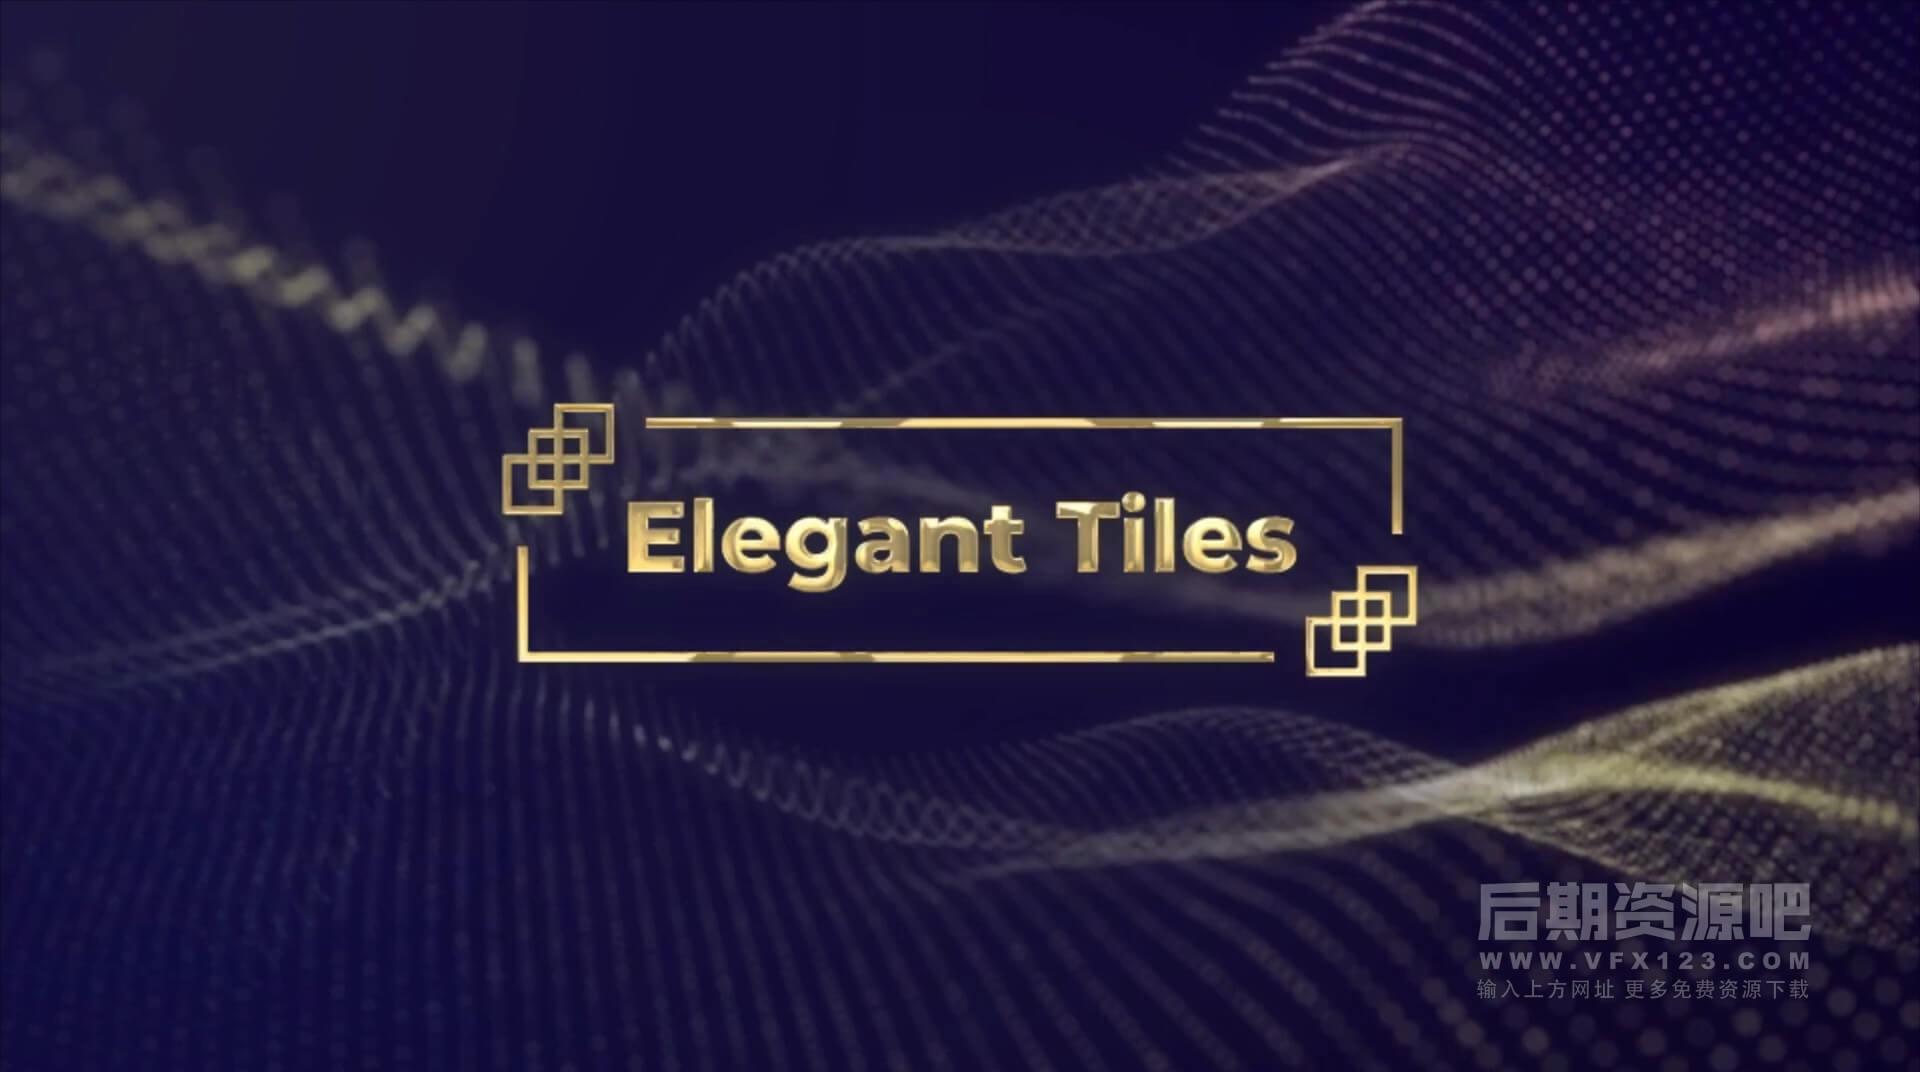 Ae模板 4K20组金色动态标题字幕条预设 Golden Titles